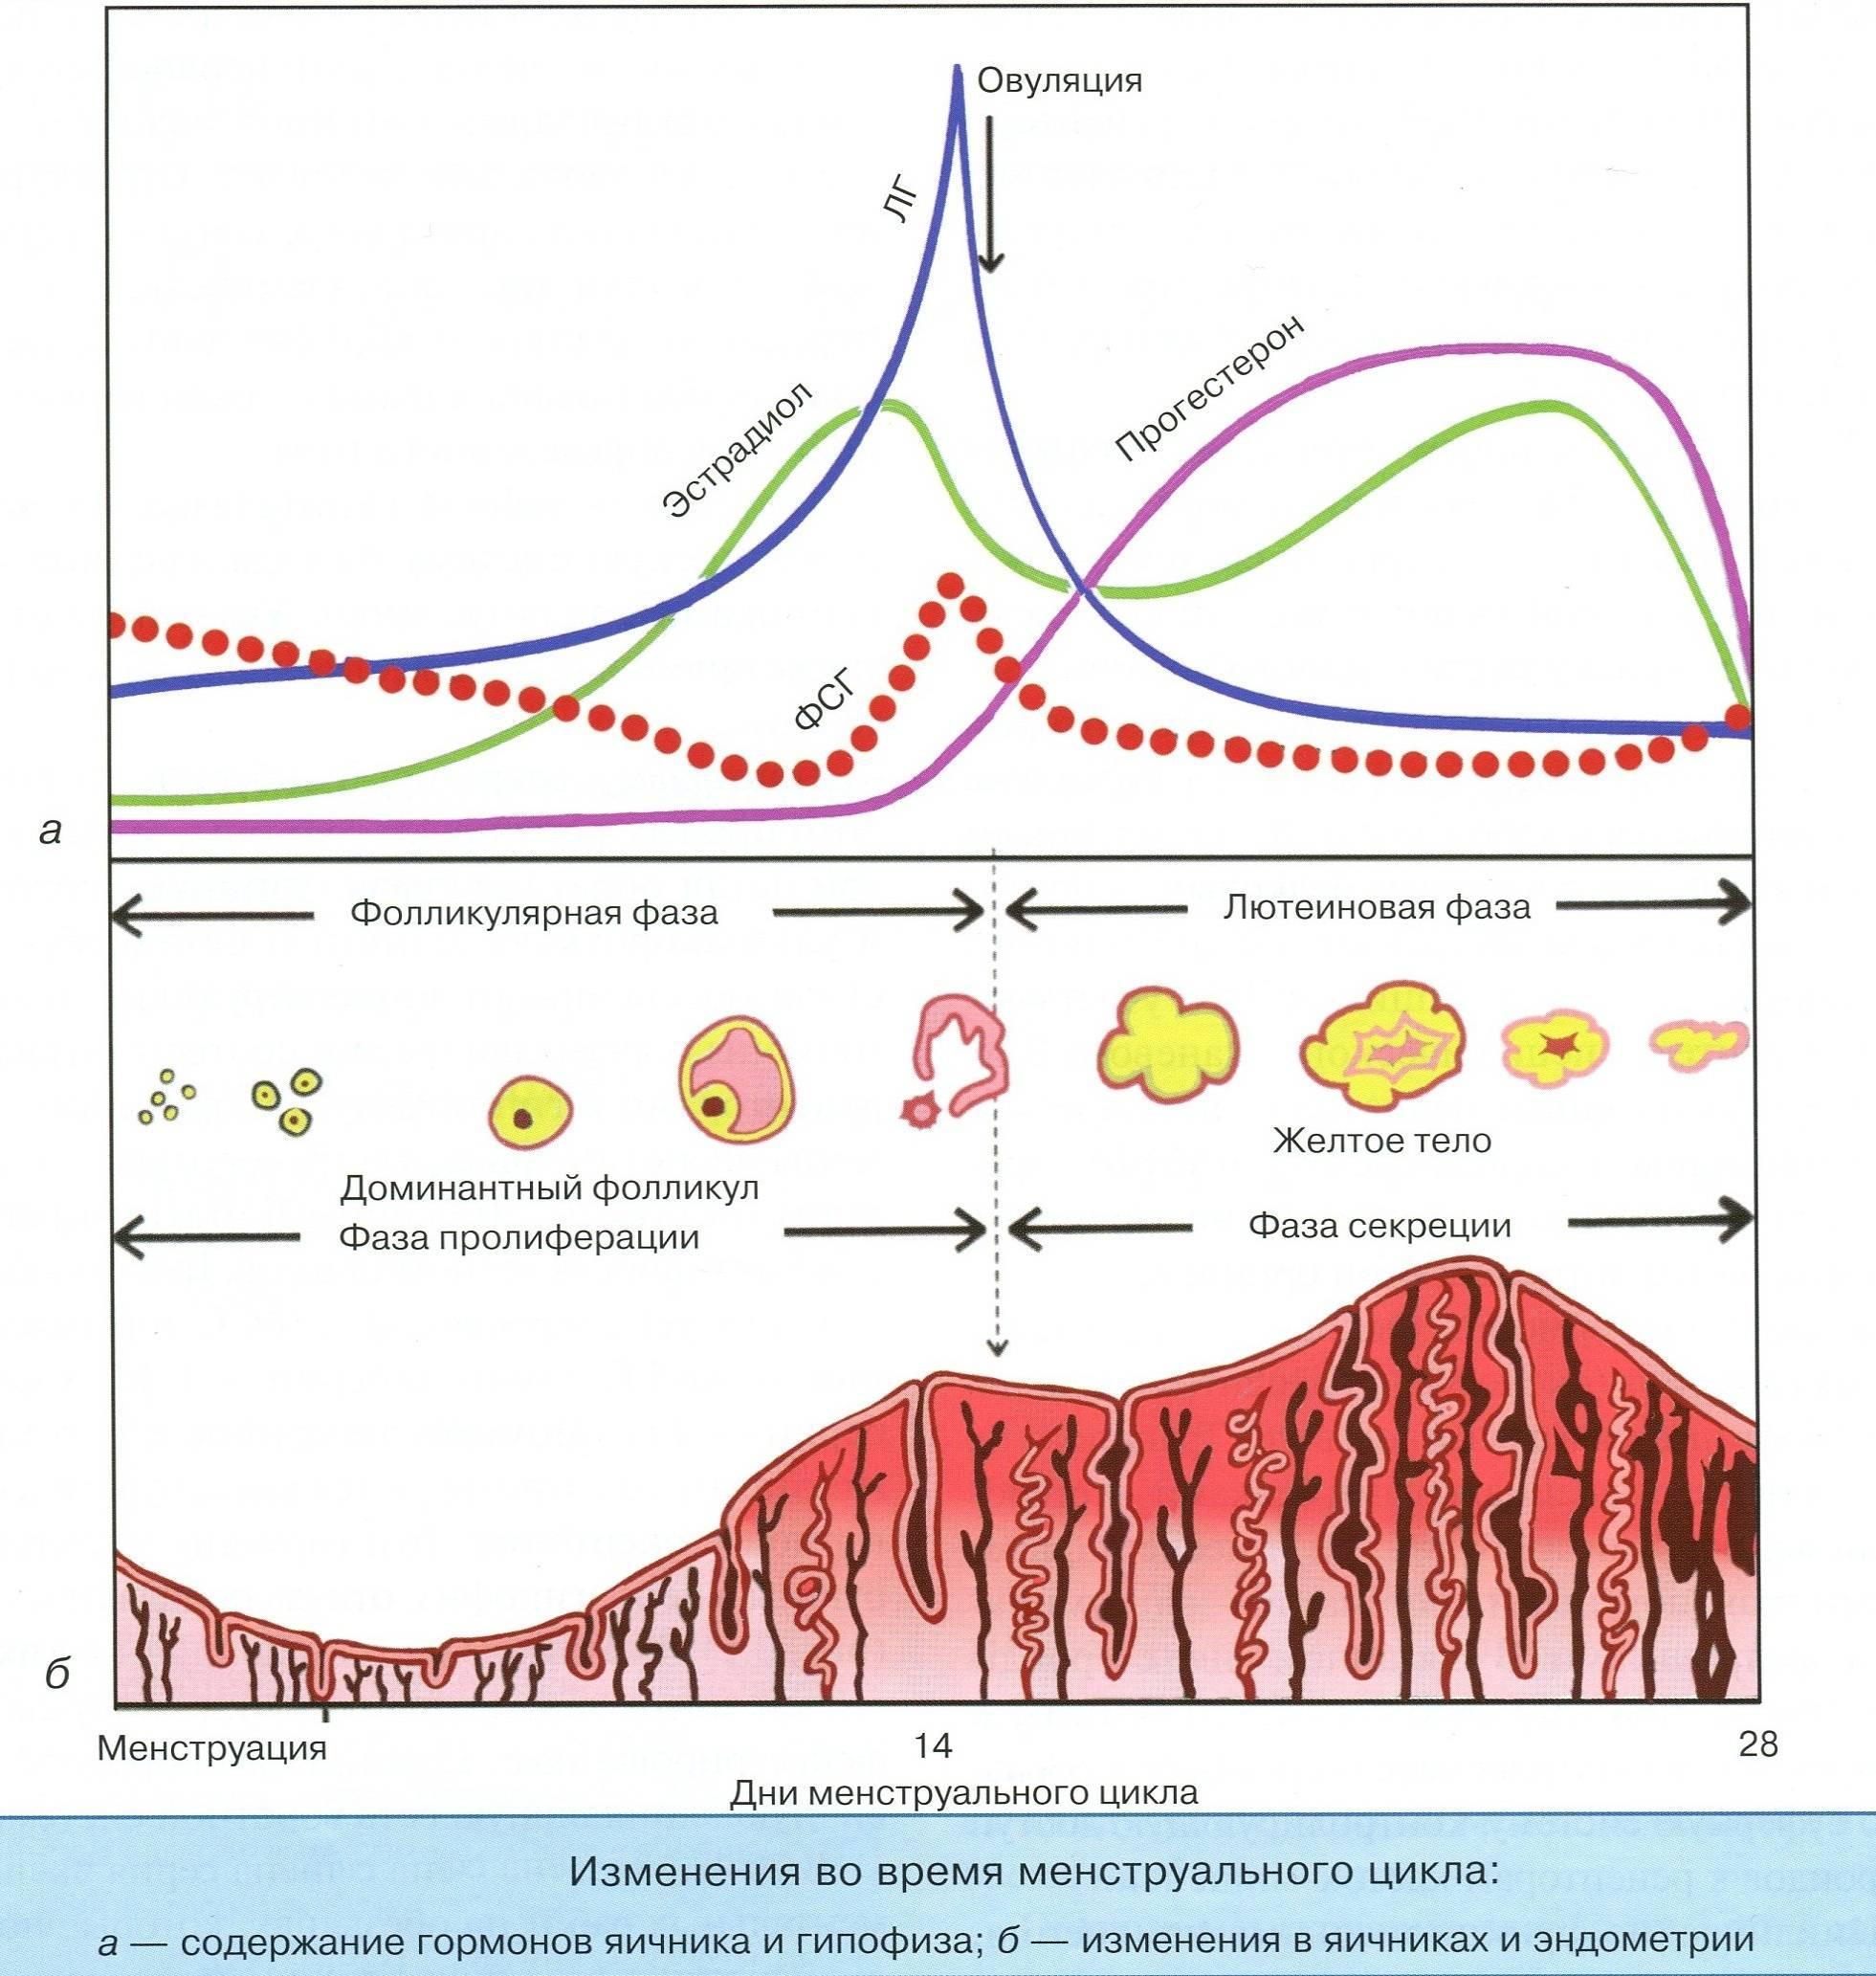 Влияние группы гормонов андрогенов на организм женщины